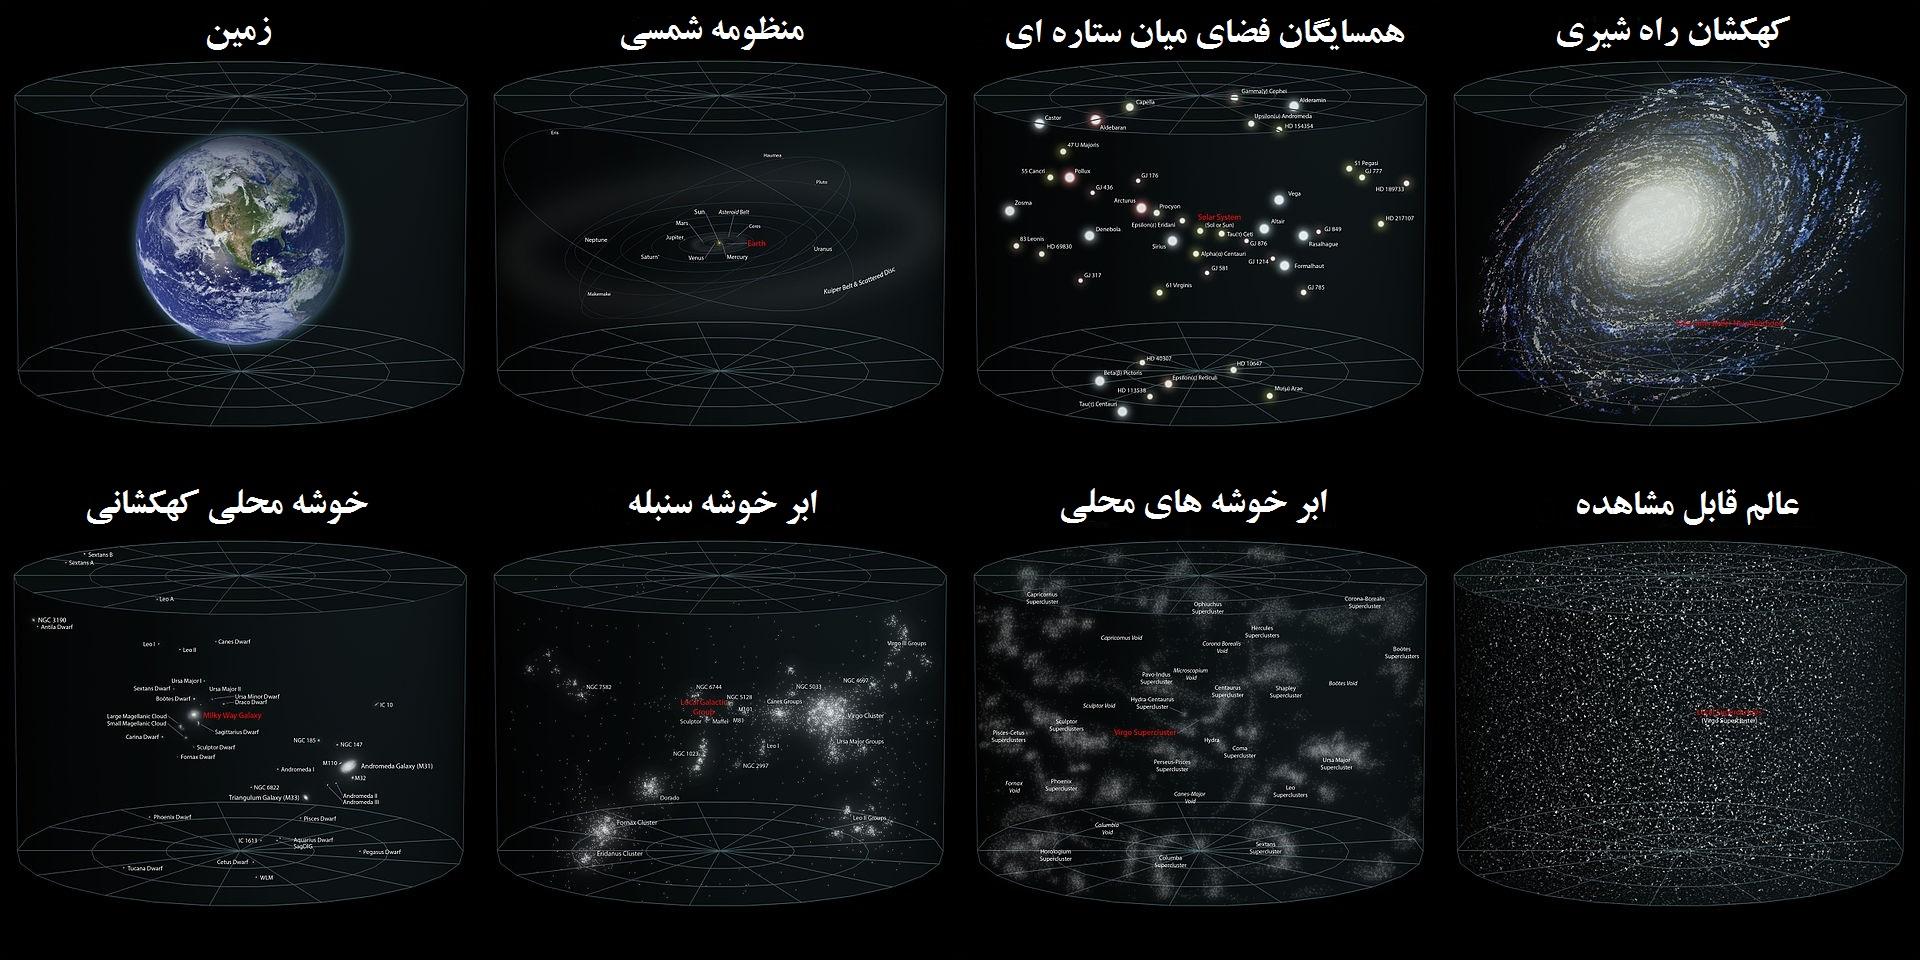 جای ما در کیهان : برای بزرگ شدن عکس و دیدن جزئیات بیشتر روی آن کلیک کنید.